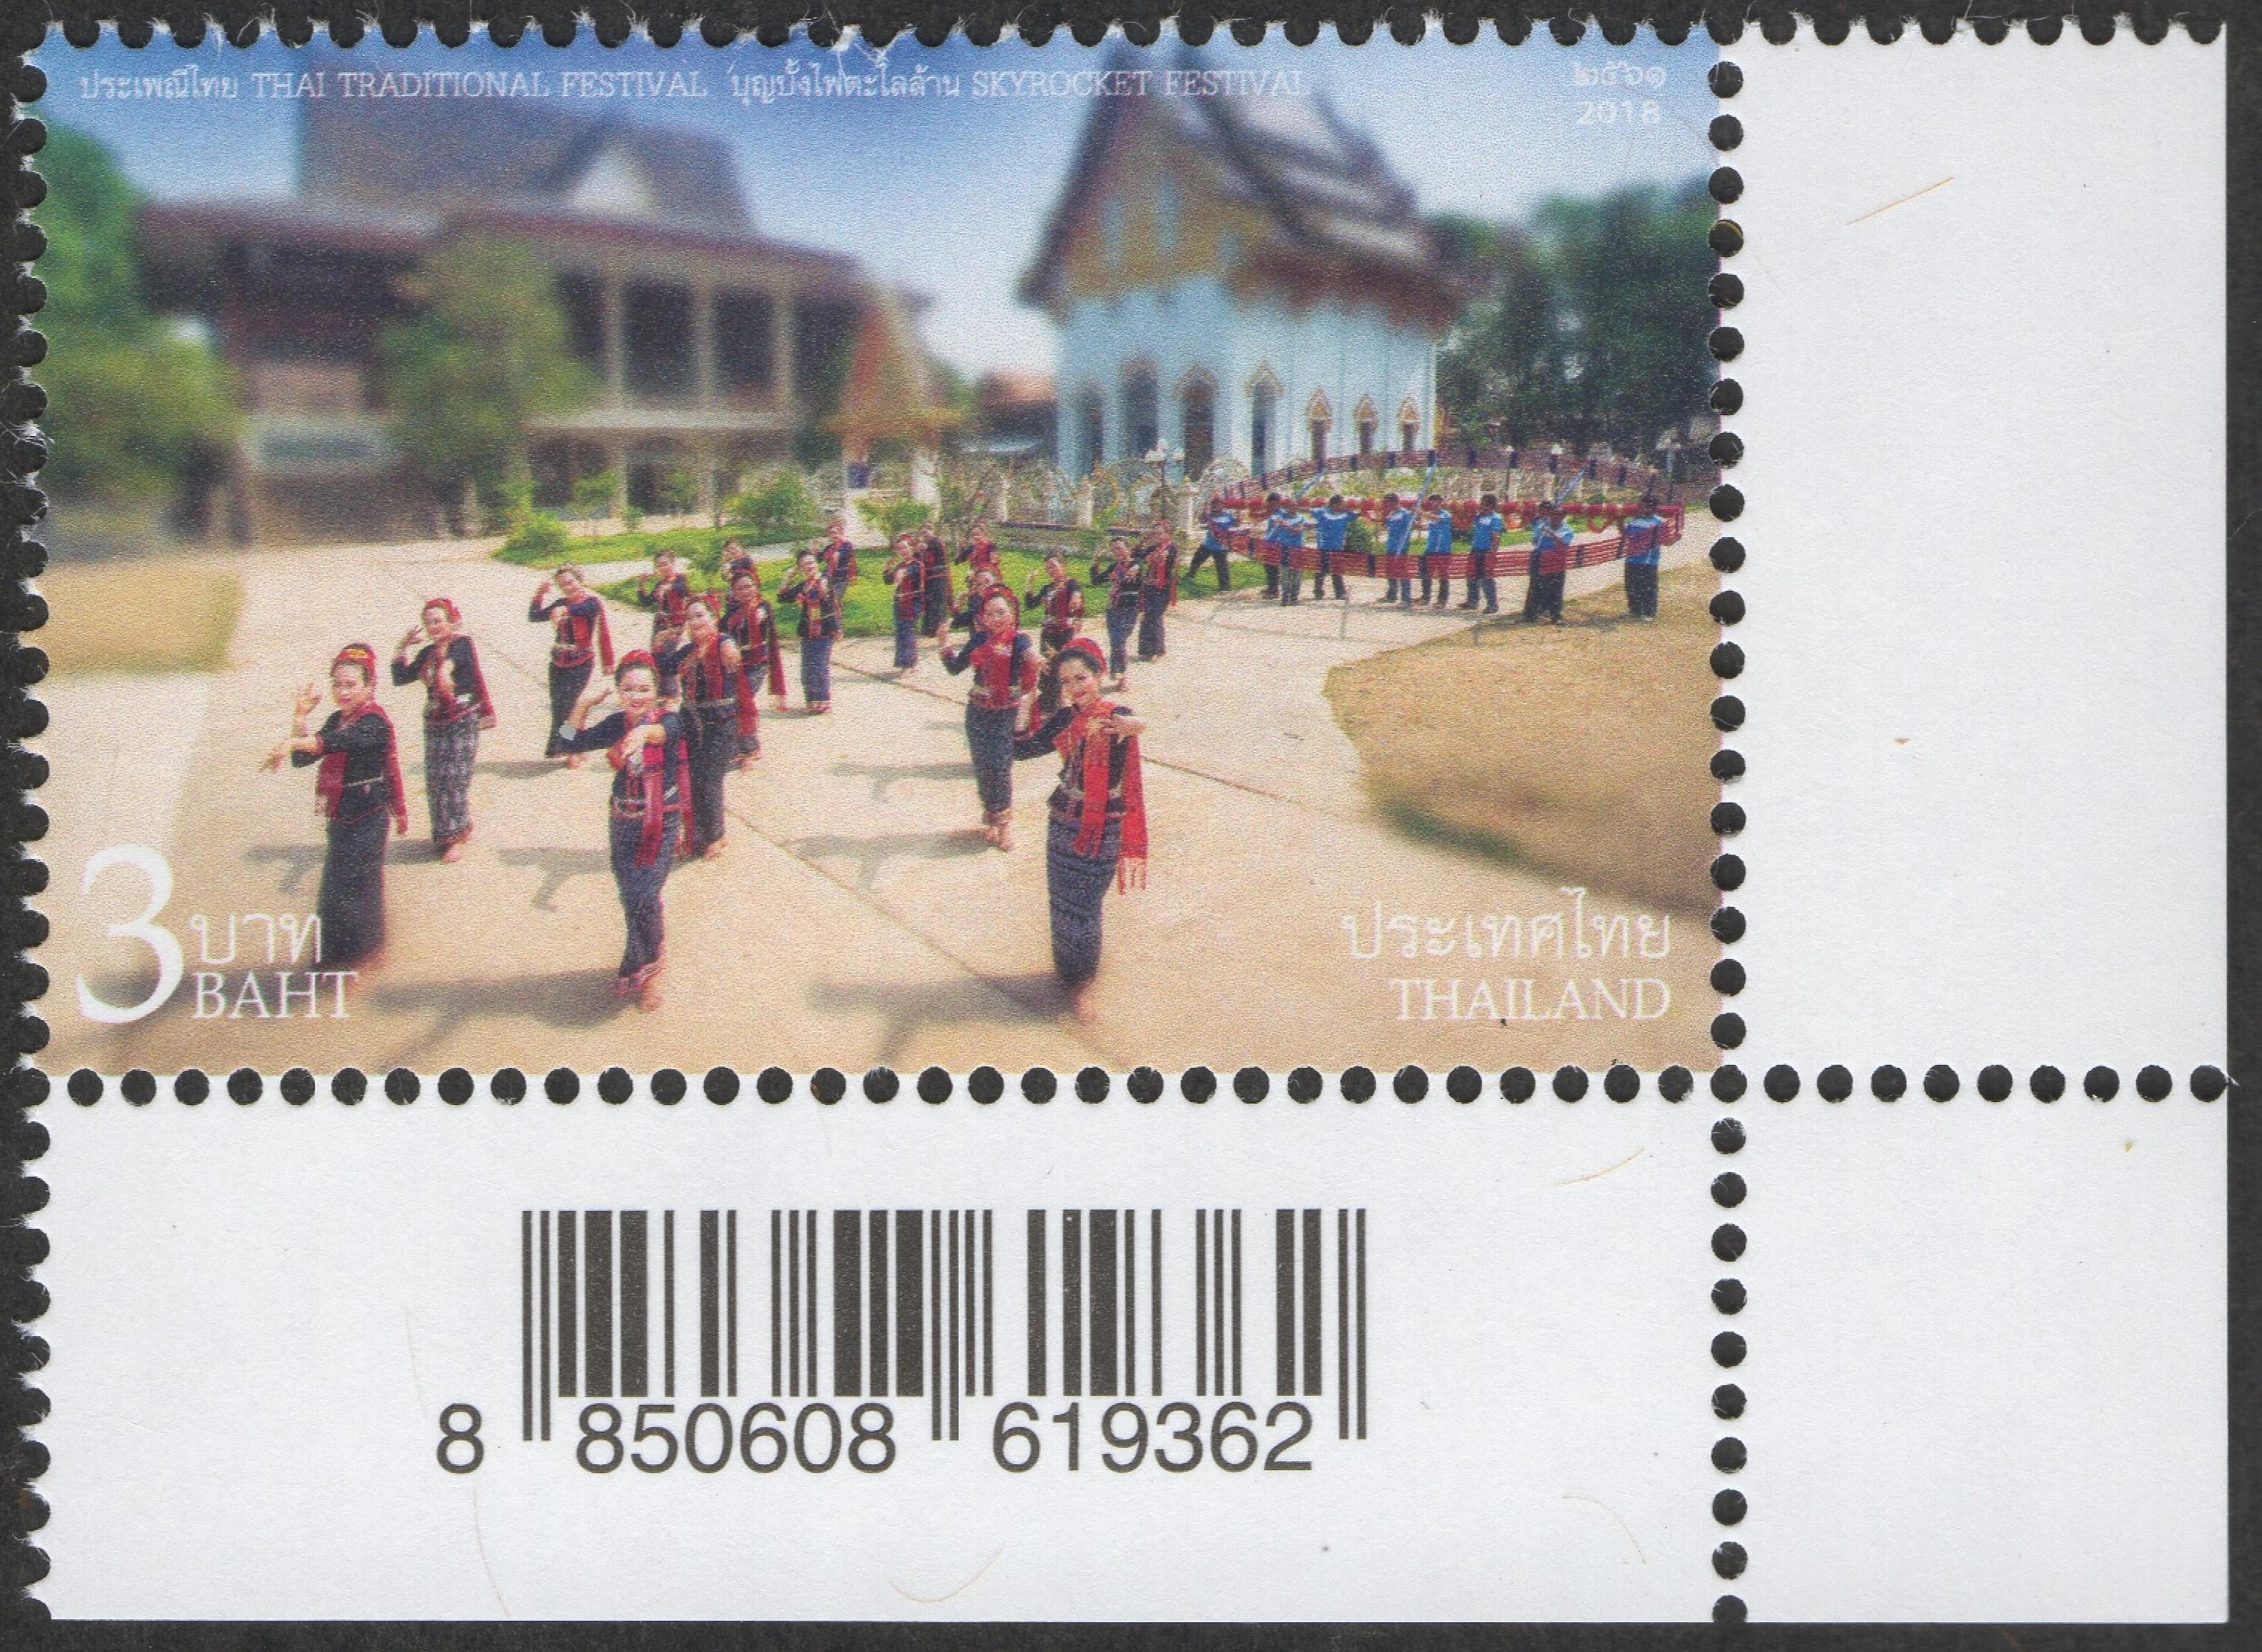 Thailand - Thailand Post #1145 (2018) - Design #1 featuring Hae Bang Fai Ko, or